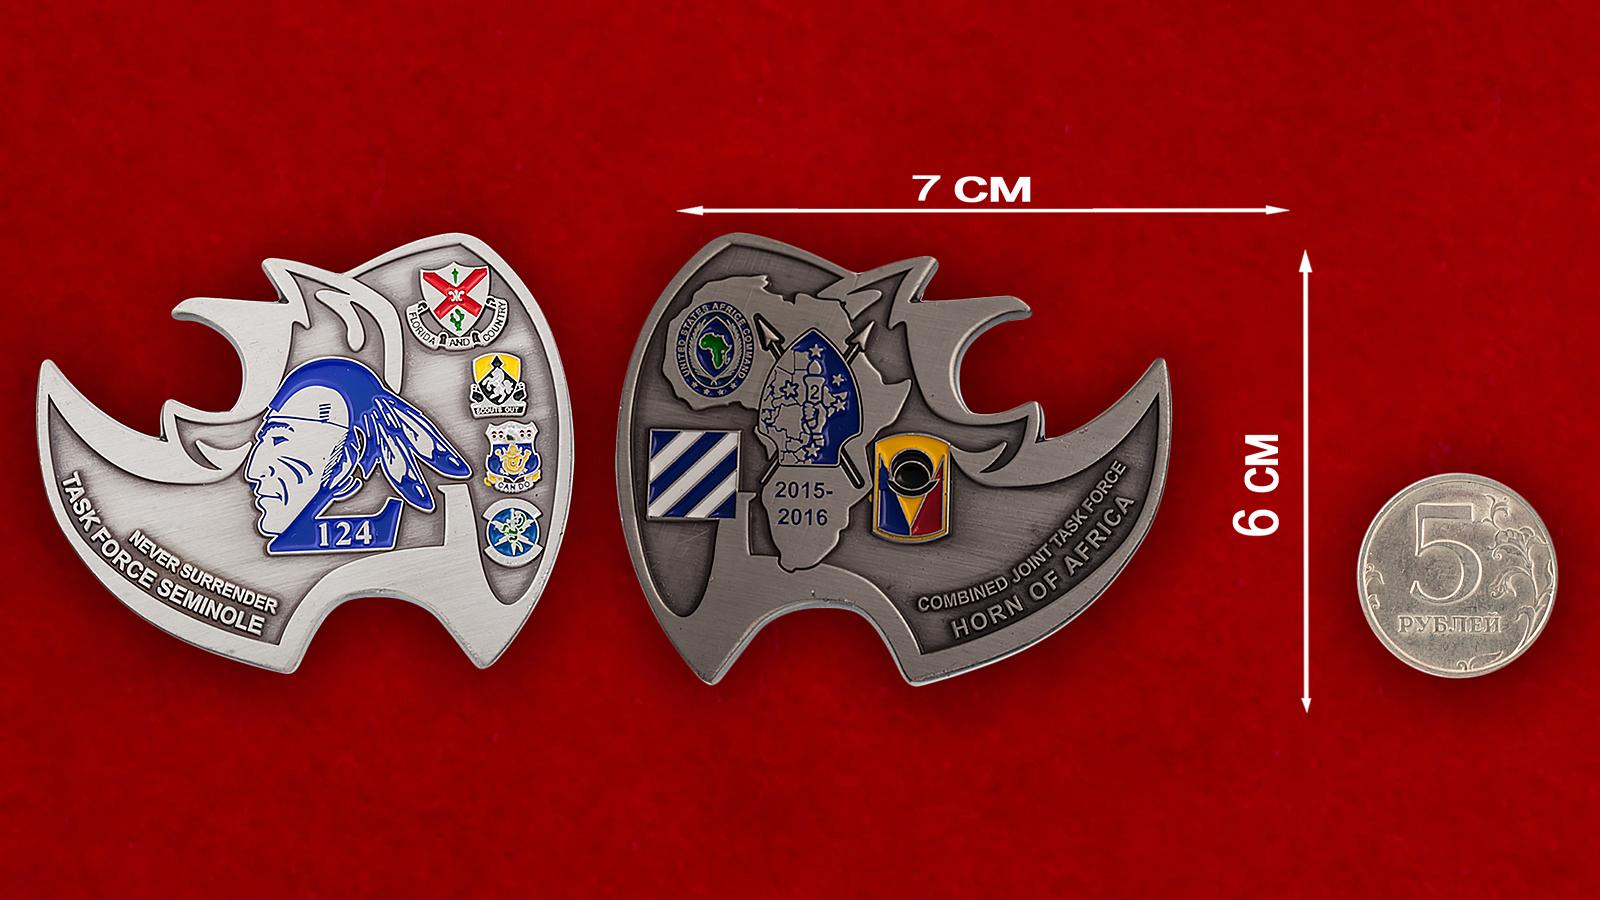 """Челлендж коин-открывашка """"124-я Оперативная тактическая група Сименолы"""" - сравнительный размер"""